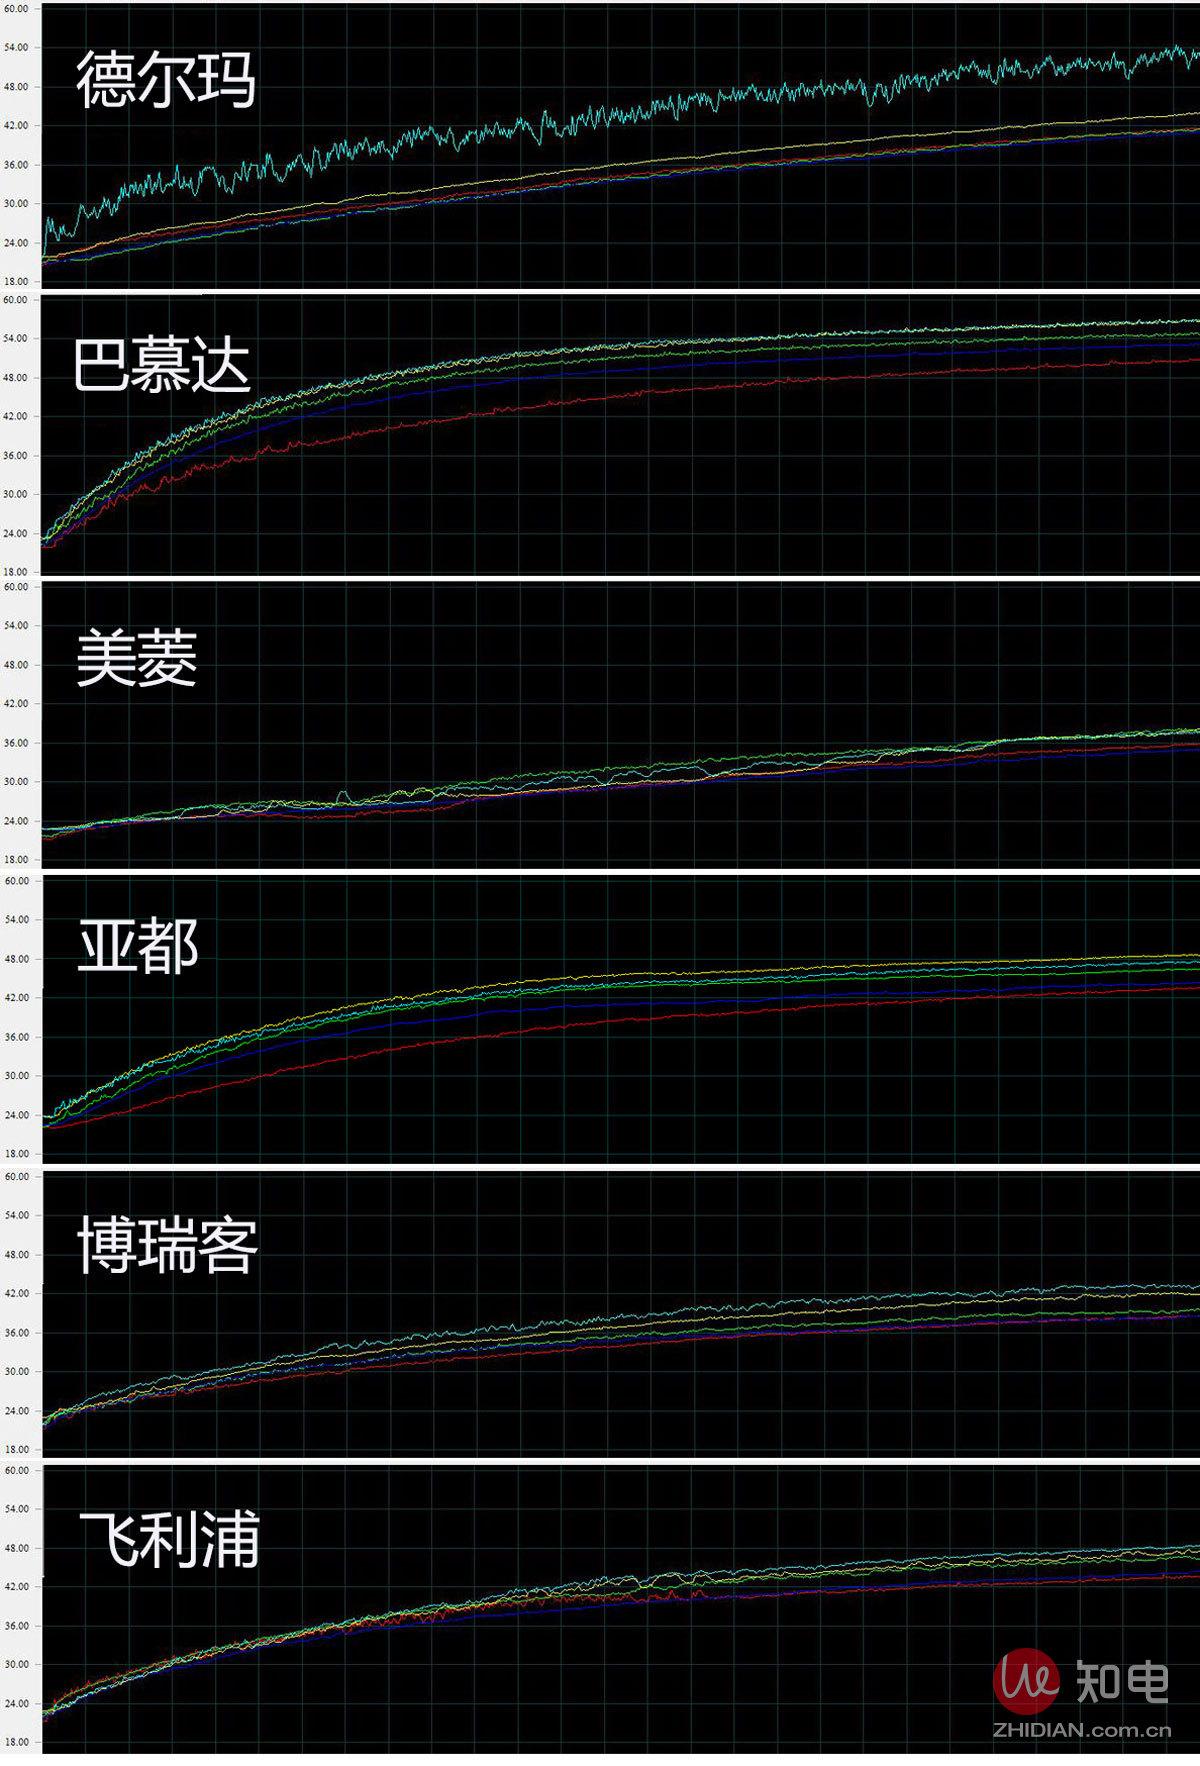 均匀度对比-有字.jpg